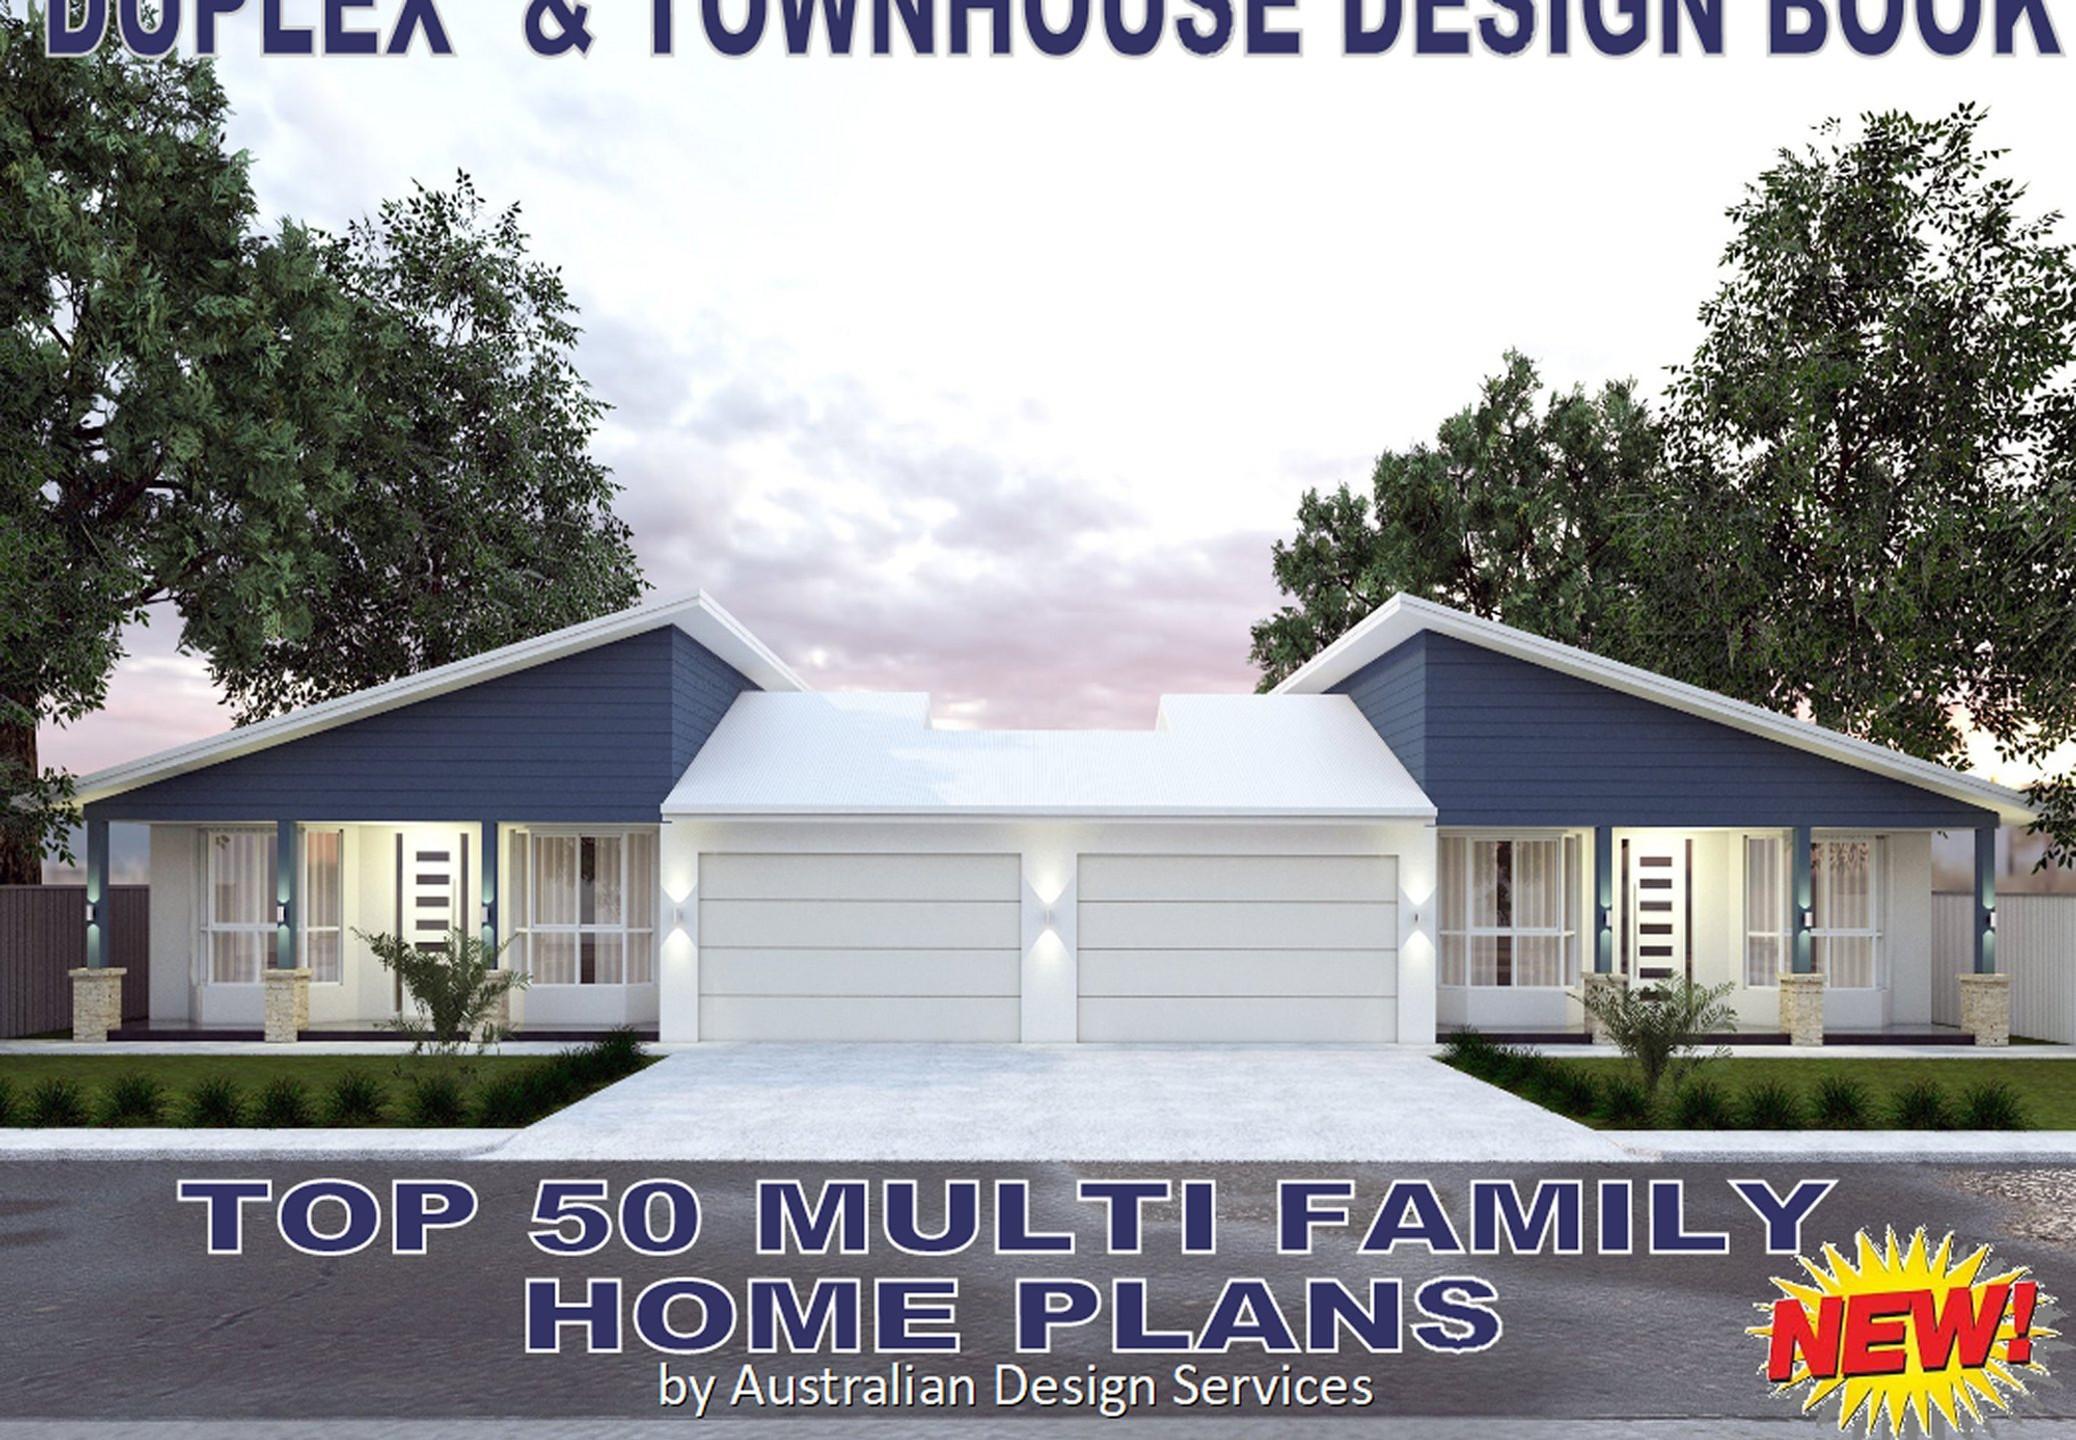 duplex design book Australia